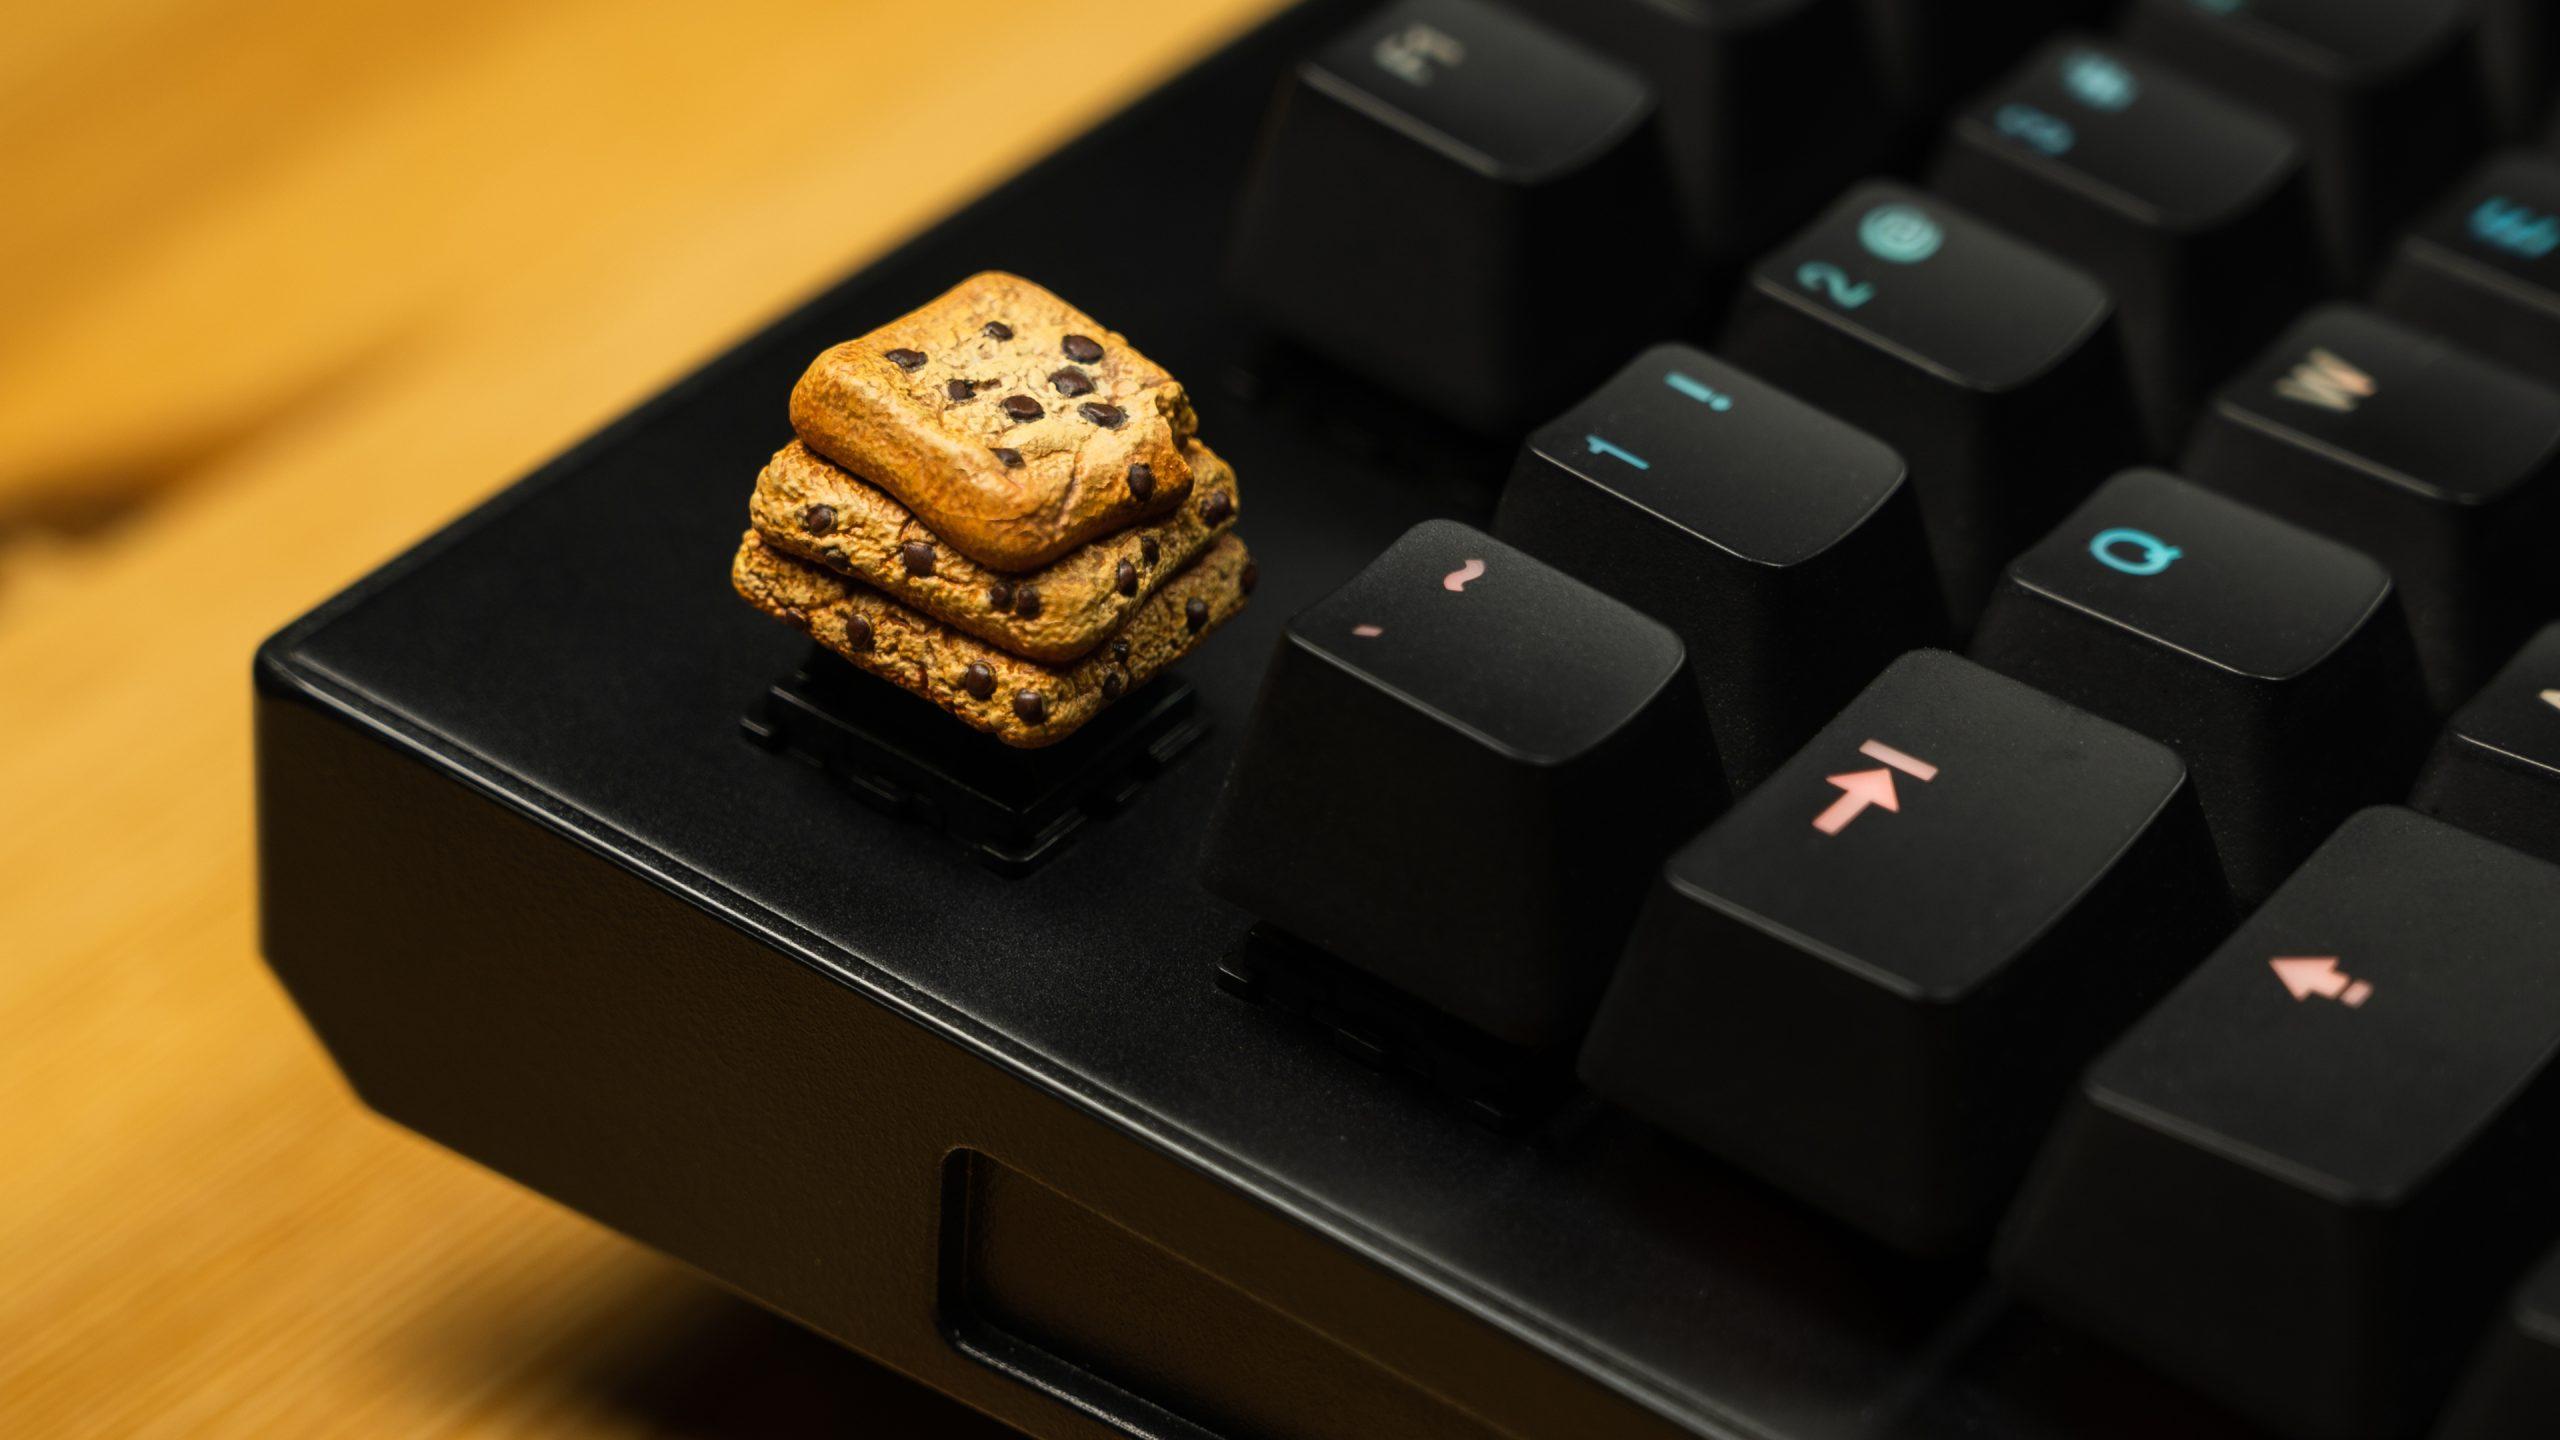 Foto van de een Dwarf Factory-keycap op de plek van de escape-toets op het Wooting One-toetsenbord.